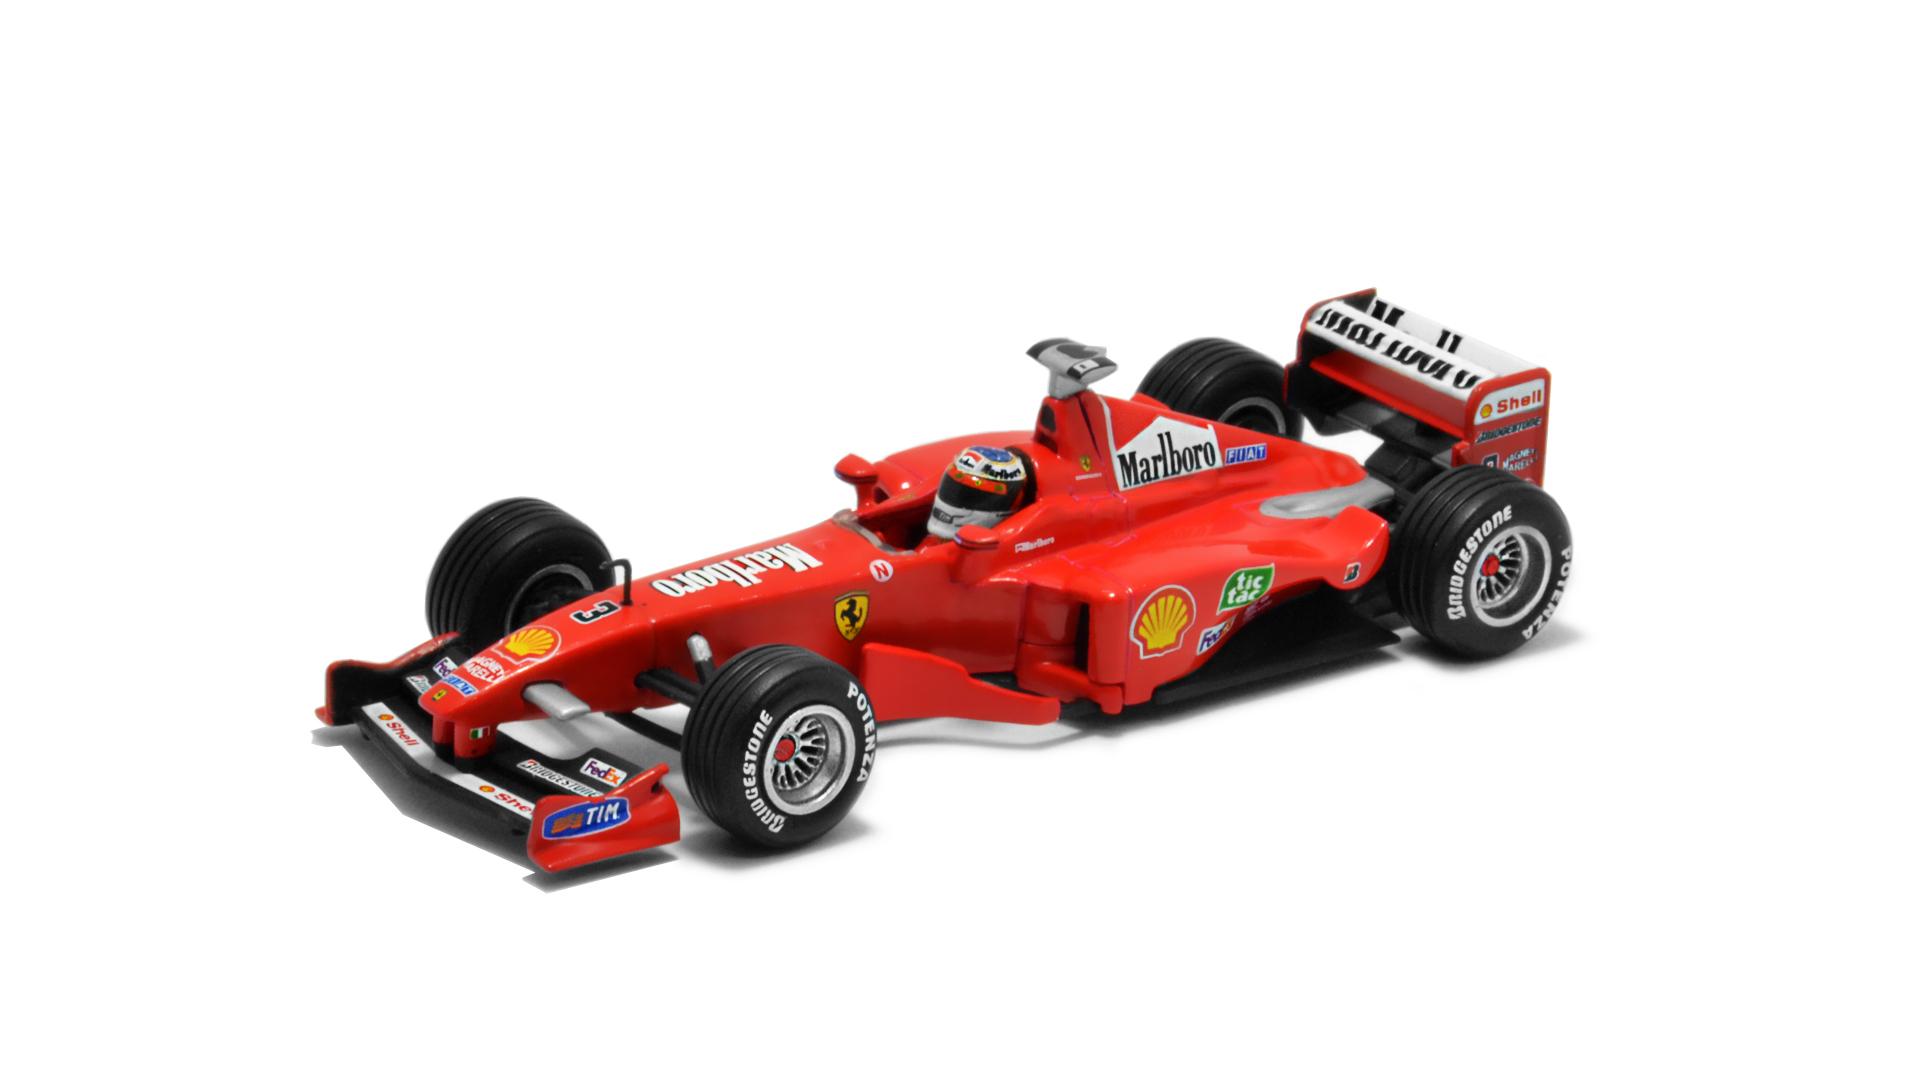 Év: 1999<br />Modell: F399<br />Gyártó: Hot Wheels<br />Pilóta: Michael Schumacher